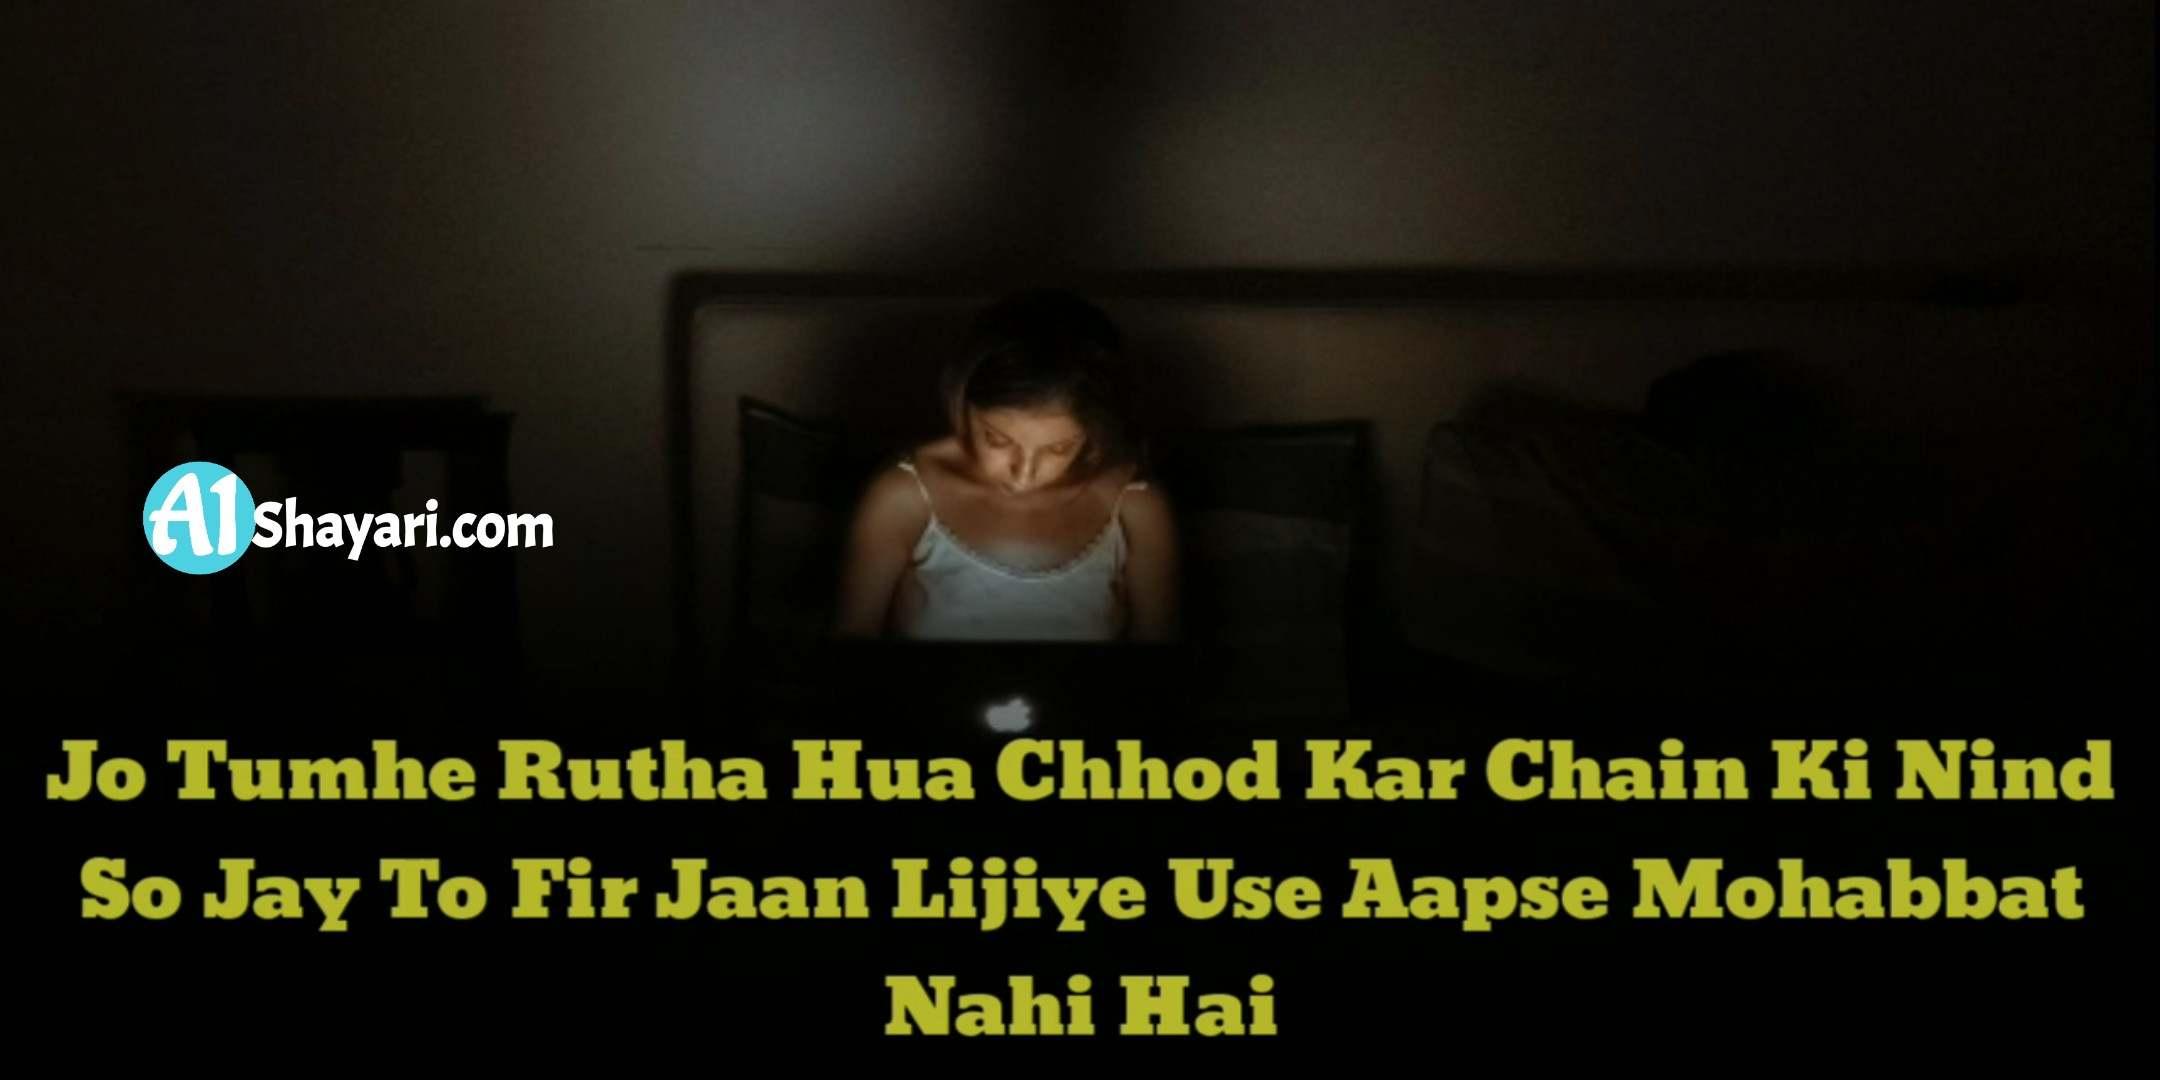 Sad Shayari Hindi Image 2018